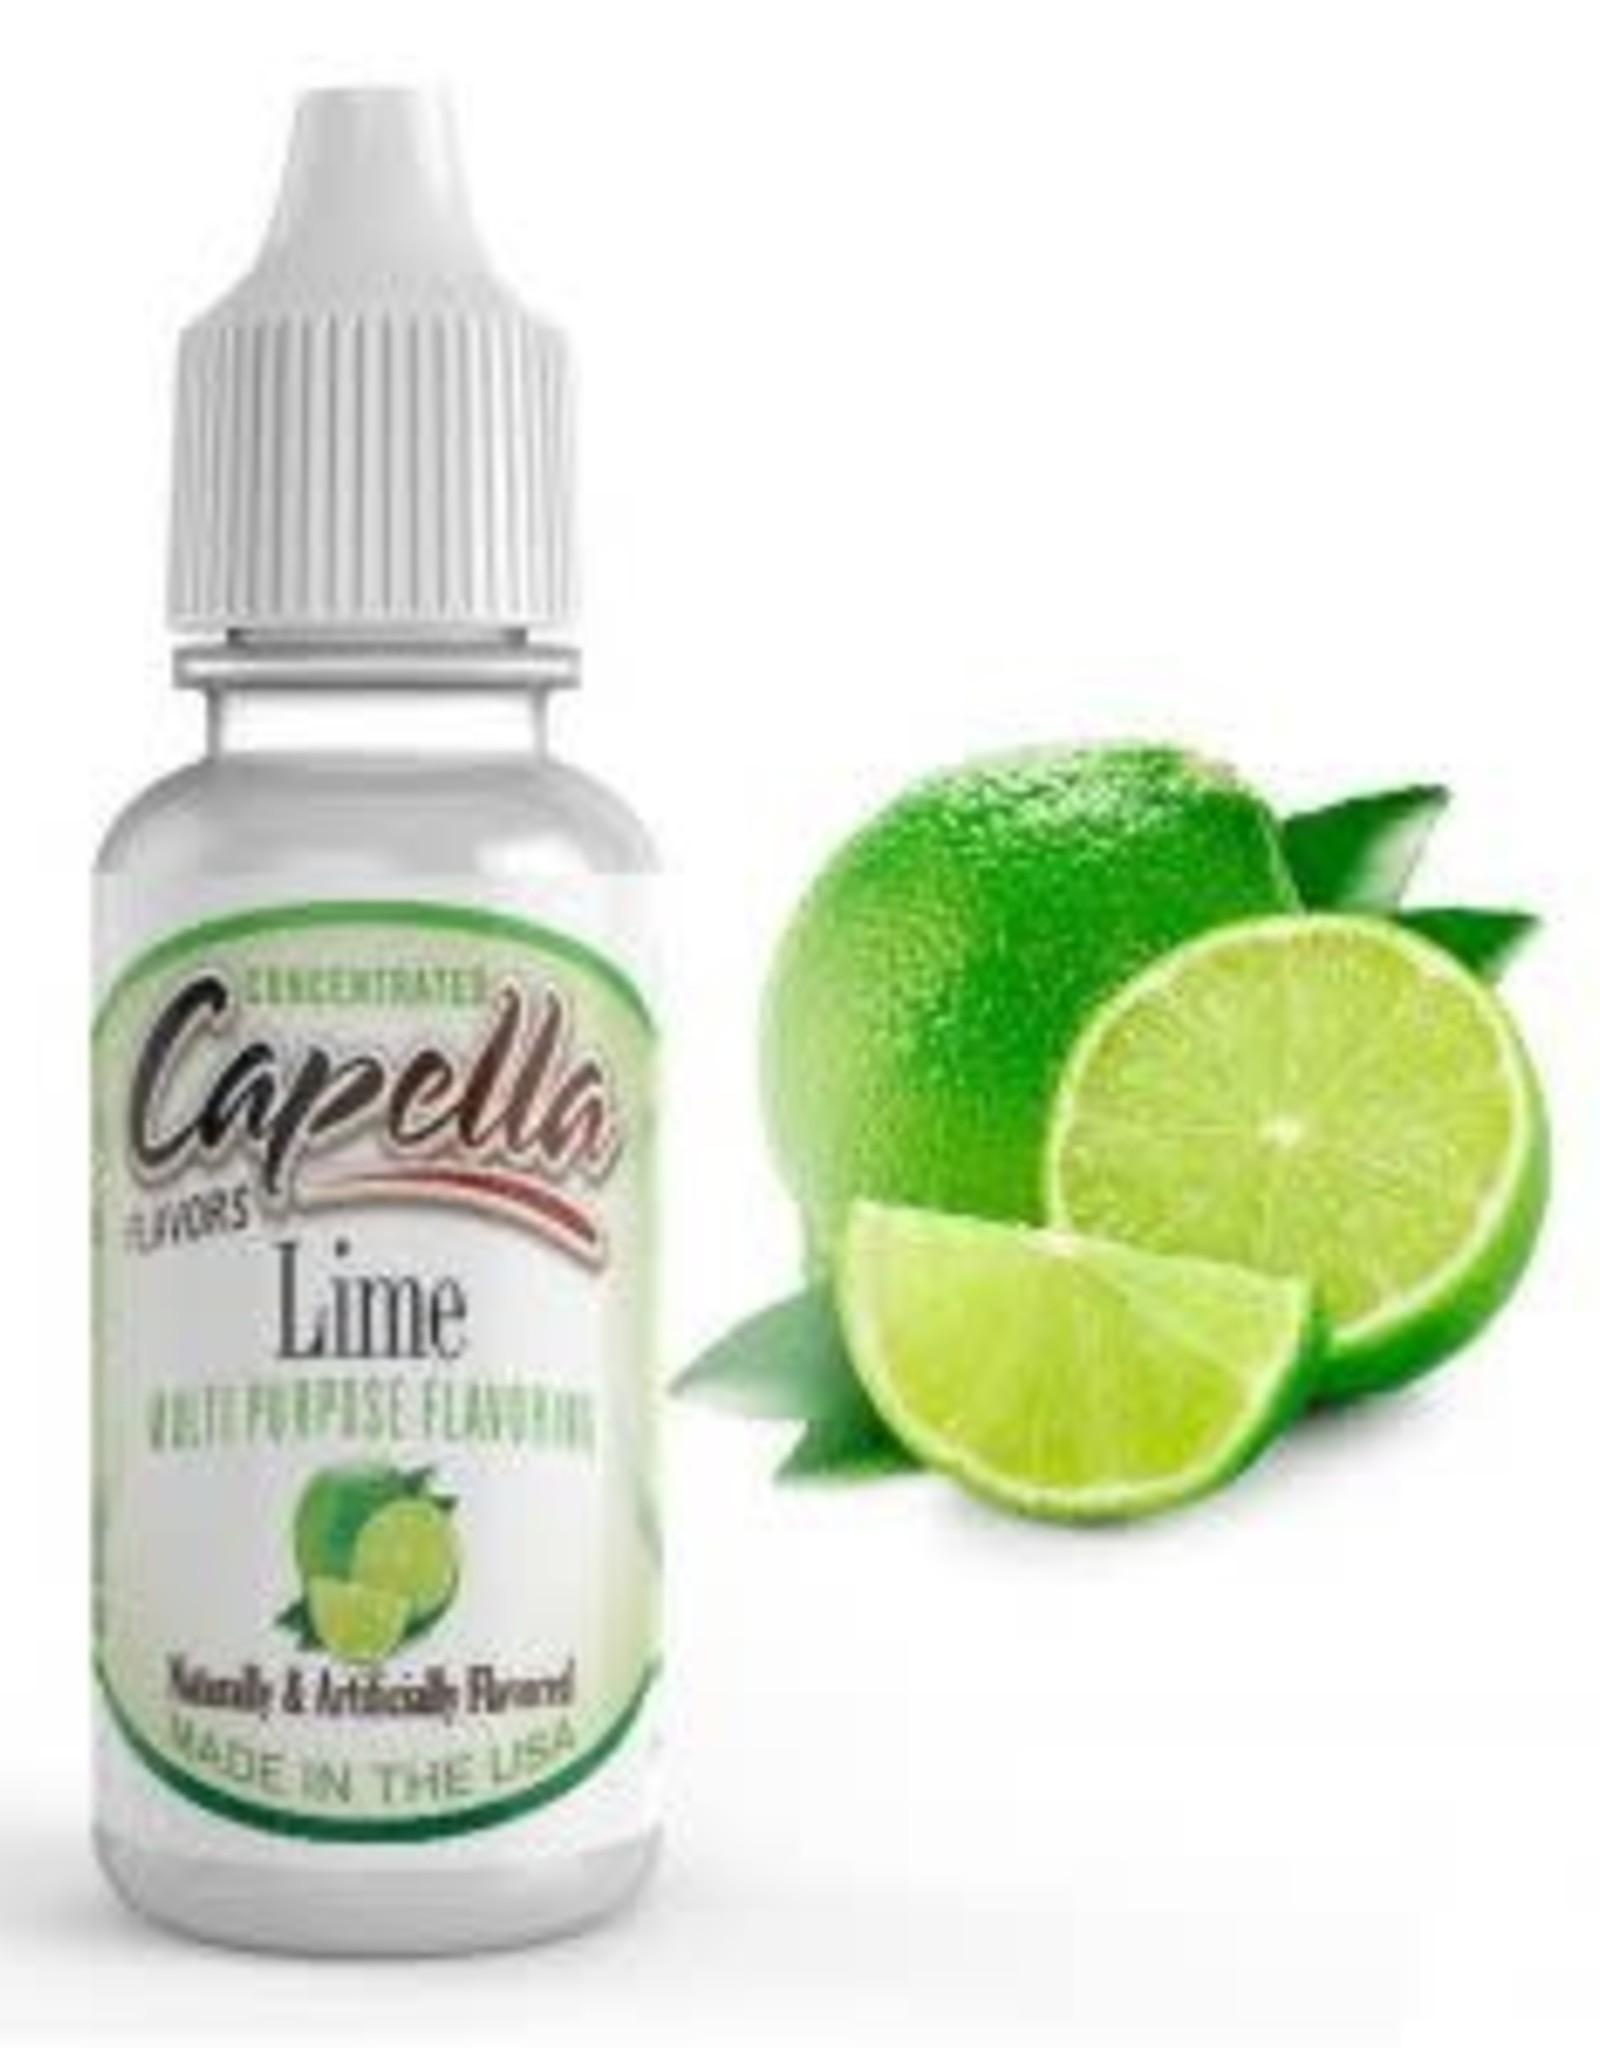 Capella Capella - Lime Aroma 13ml